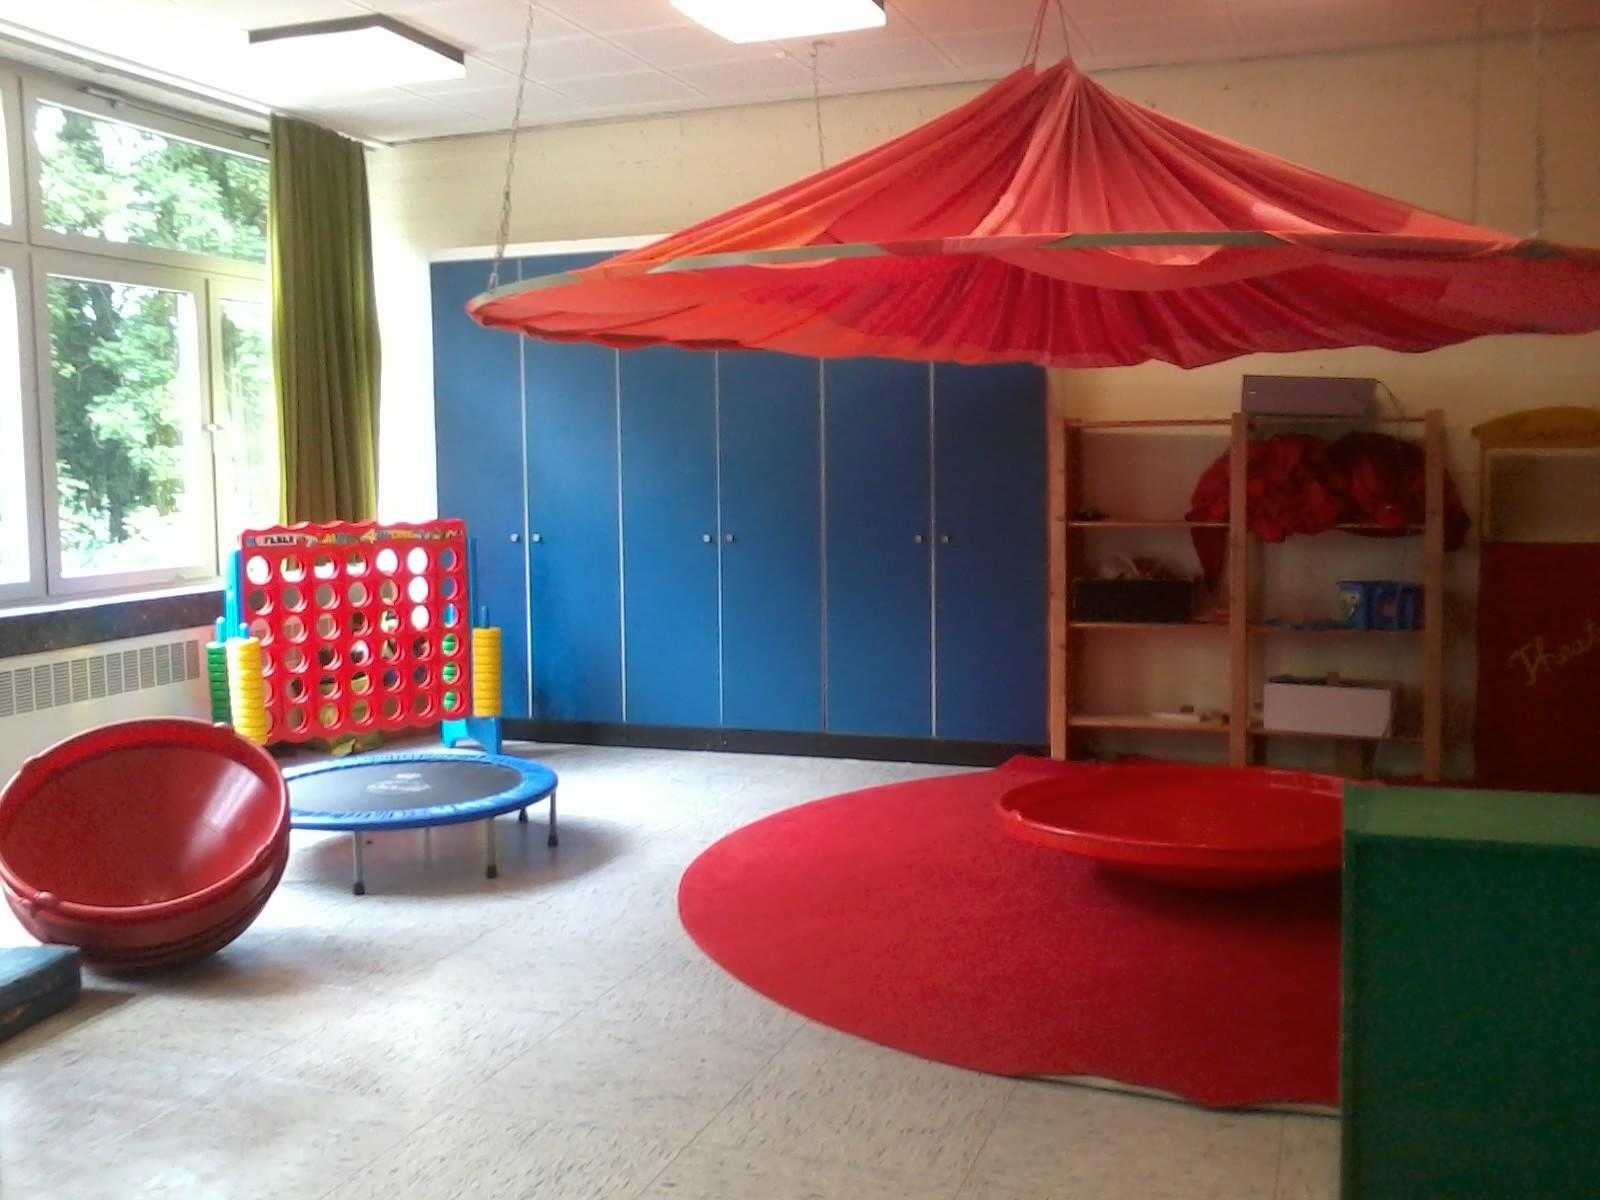 """Aktivraum - Dieser große Raum, den wir uns mit der Randstunde teilen, wird gerne von den Kindern für Rollenspiele und einfach mal """"toben"""" genutzt."""